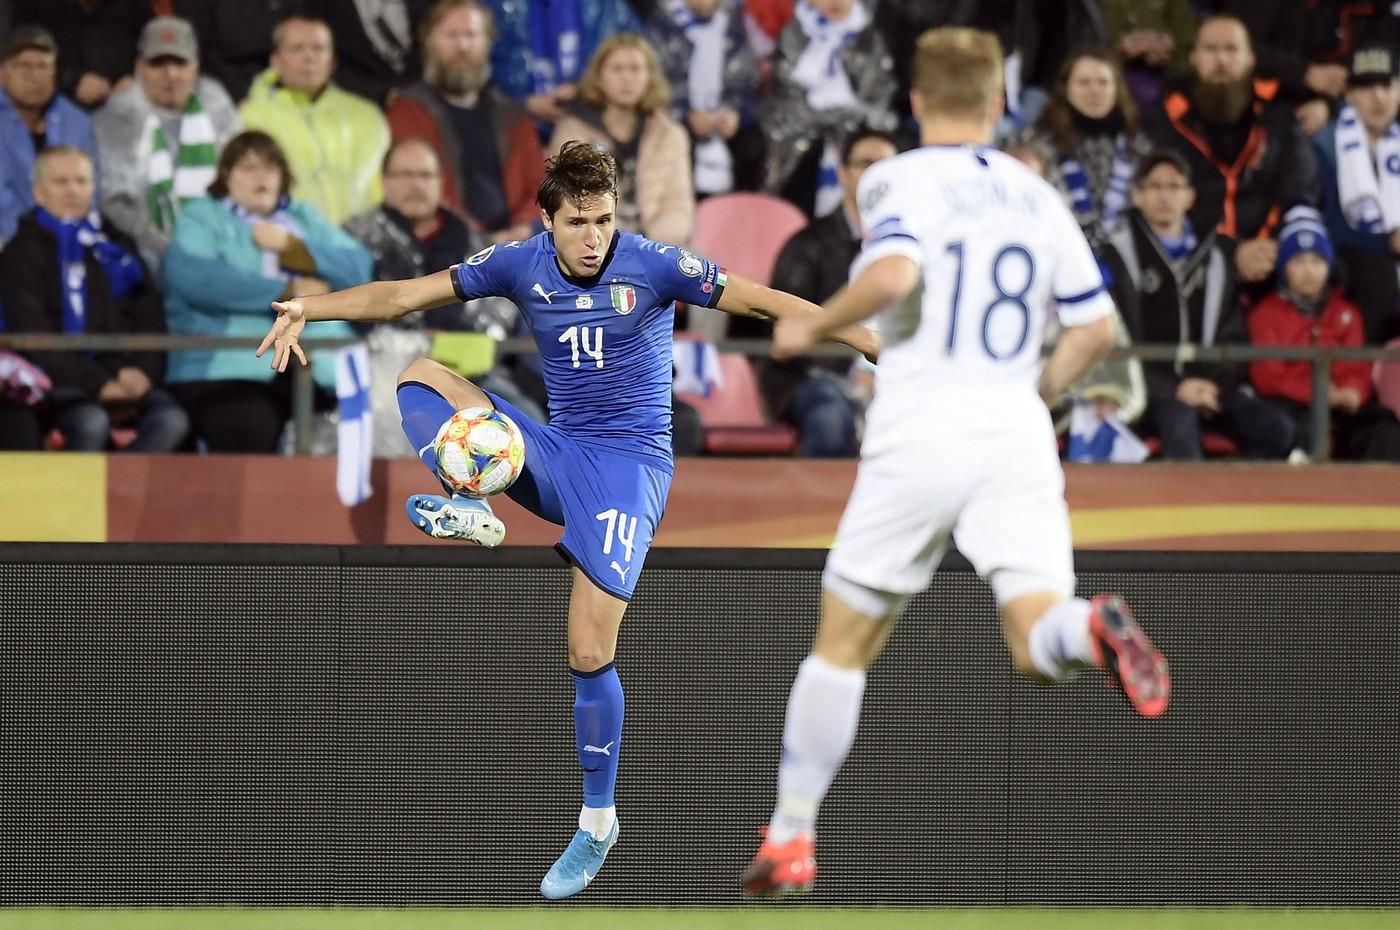 Gli azzurri vincono 2-1 grazie alle reti di Immobile e Jorginho. Inutile il momentaneo pareggio dei finlandesi con Pukki. Gli azzurri ipotecano ...